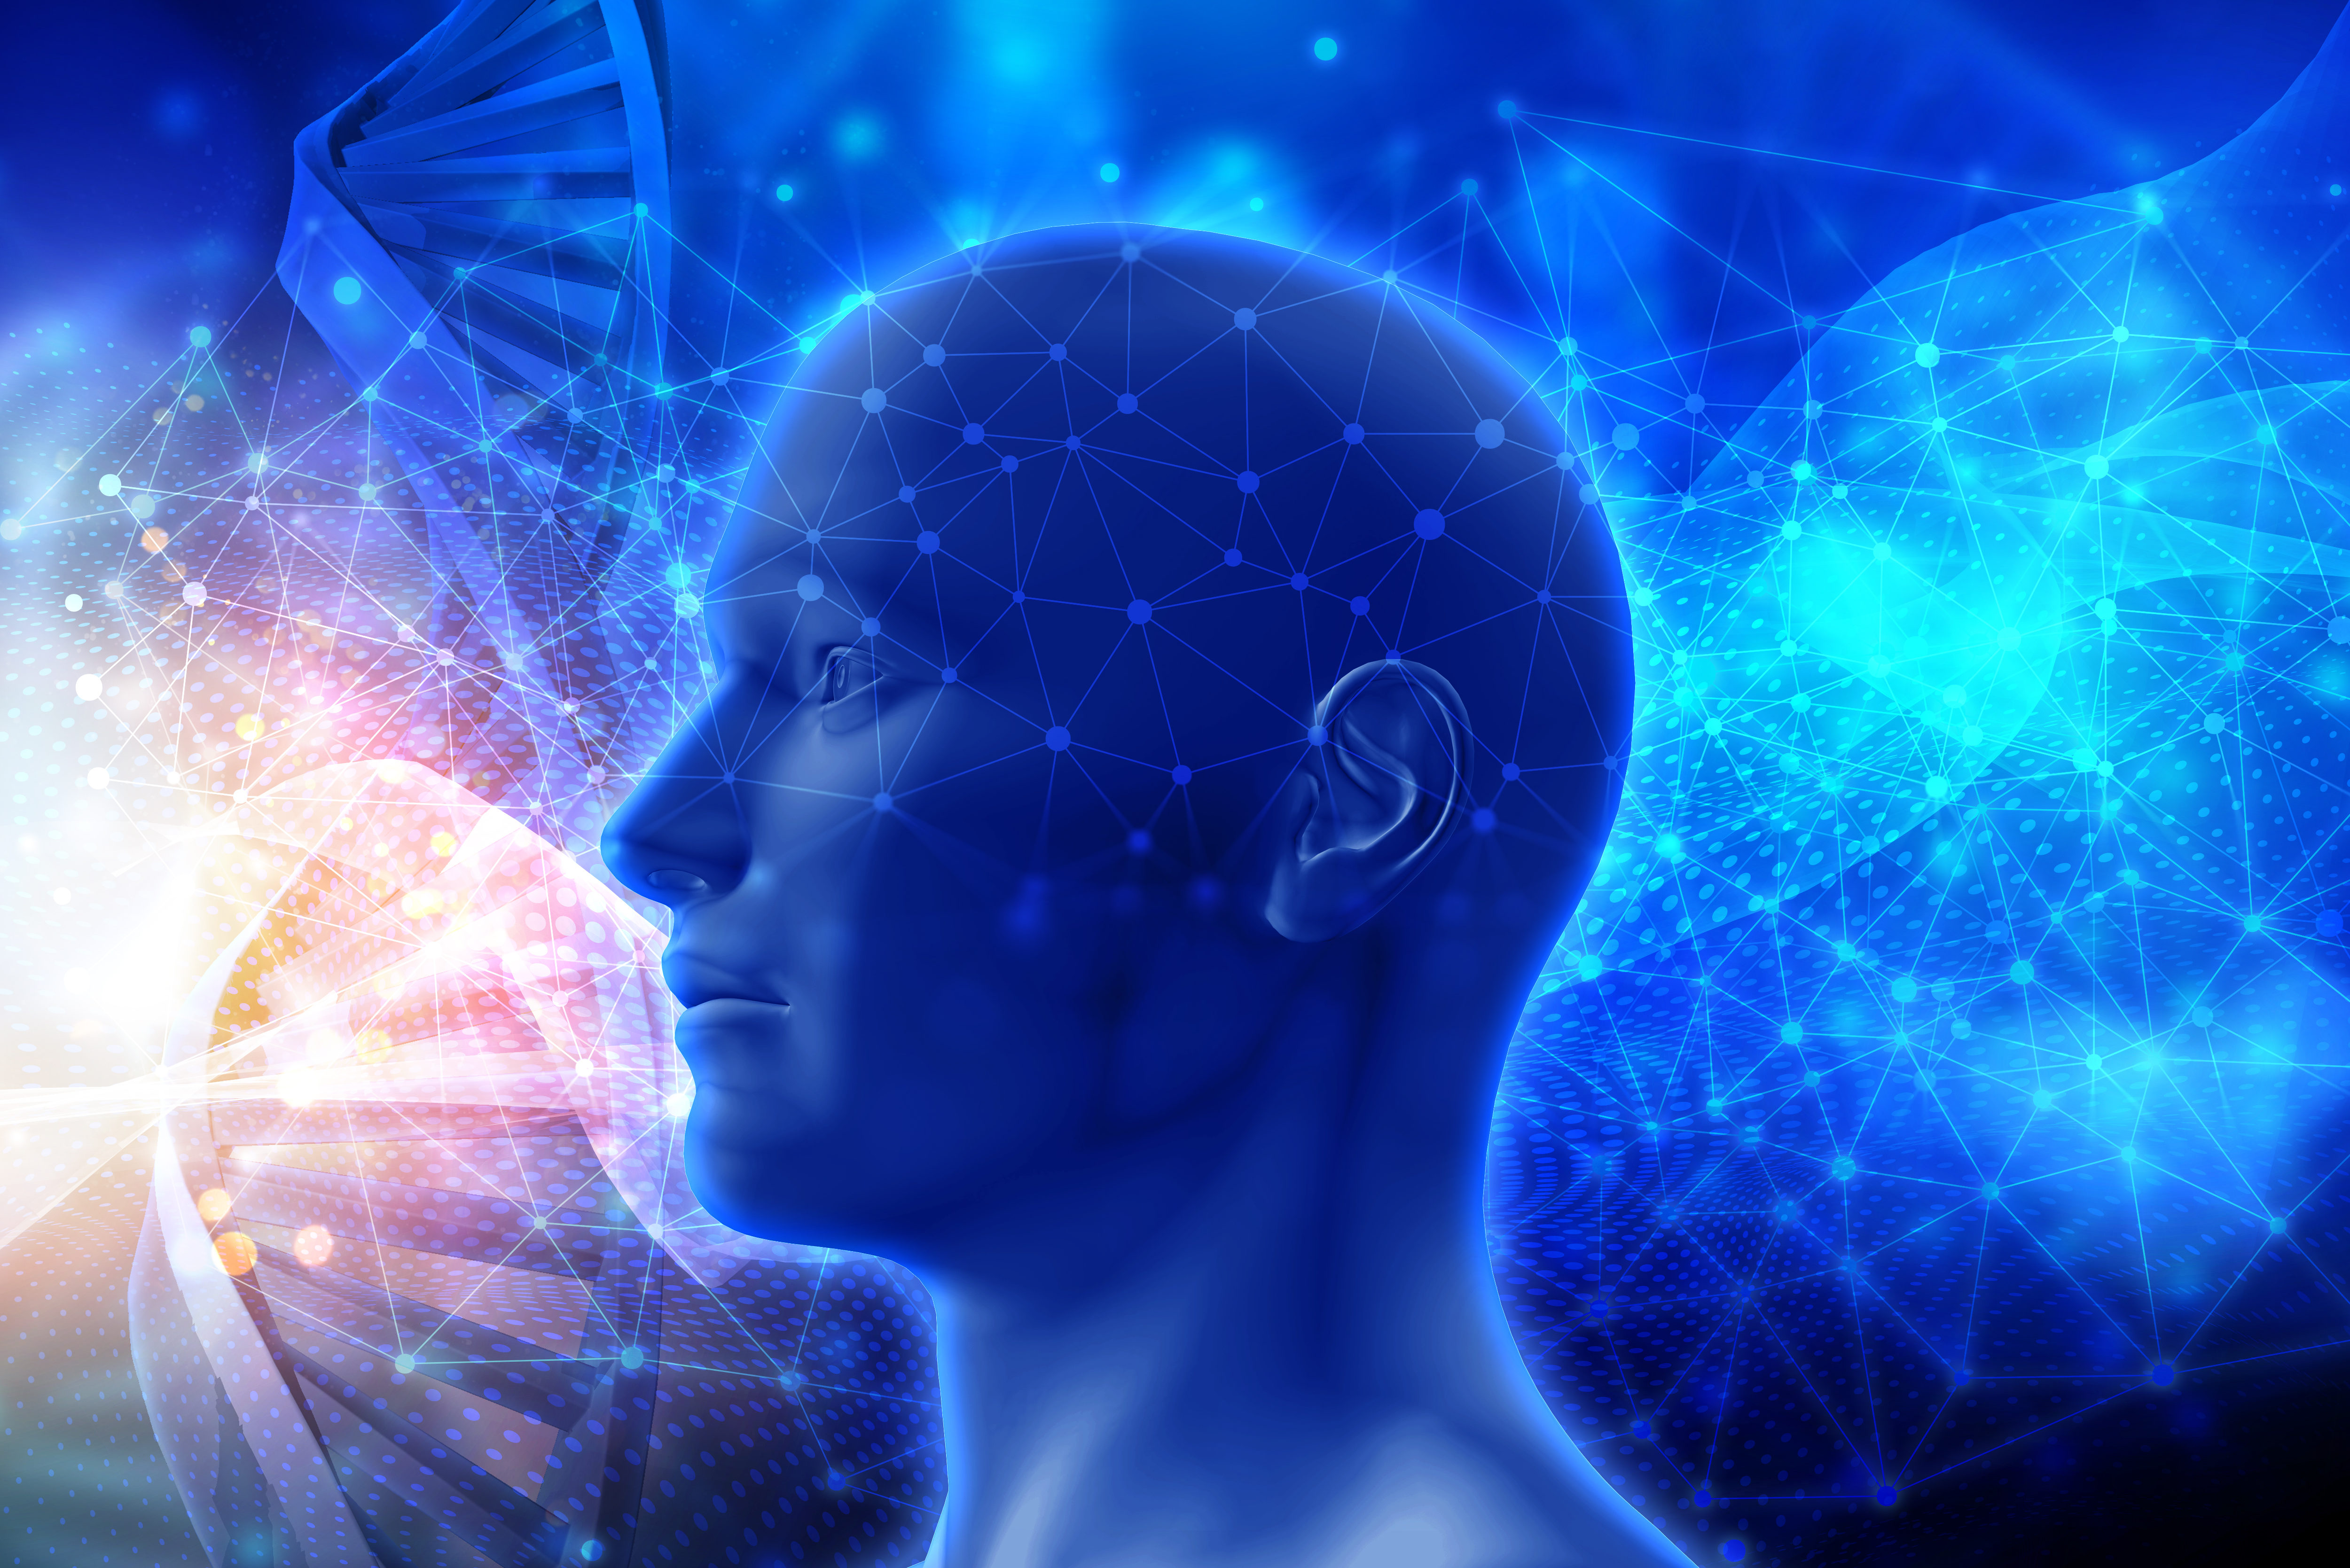 Représentation scientifique d'un humain